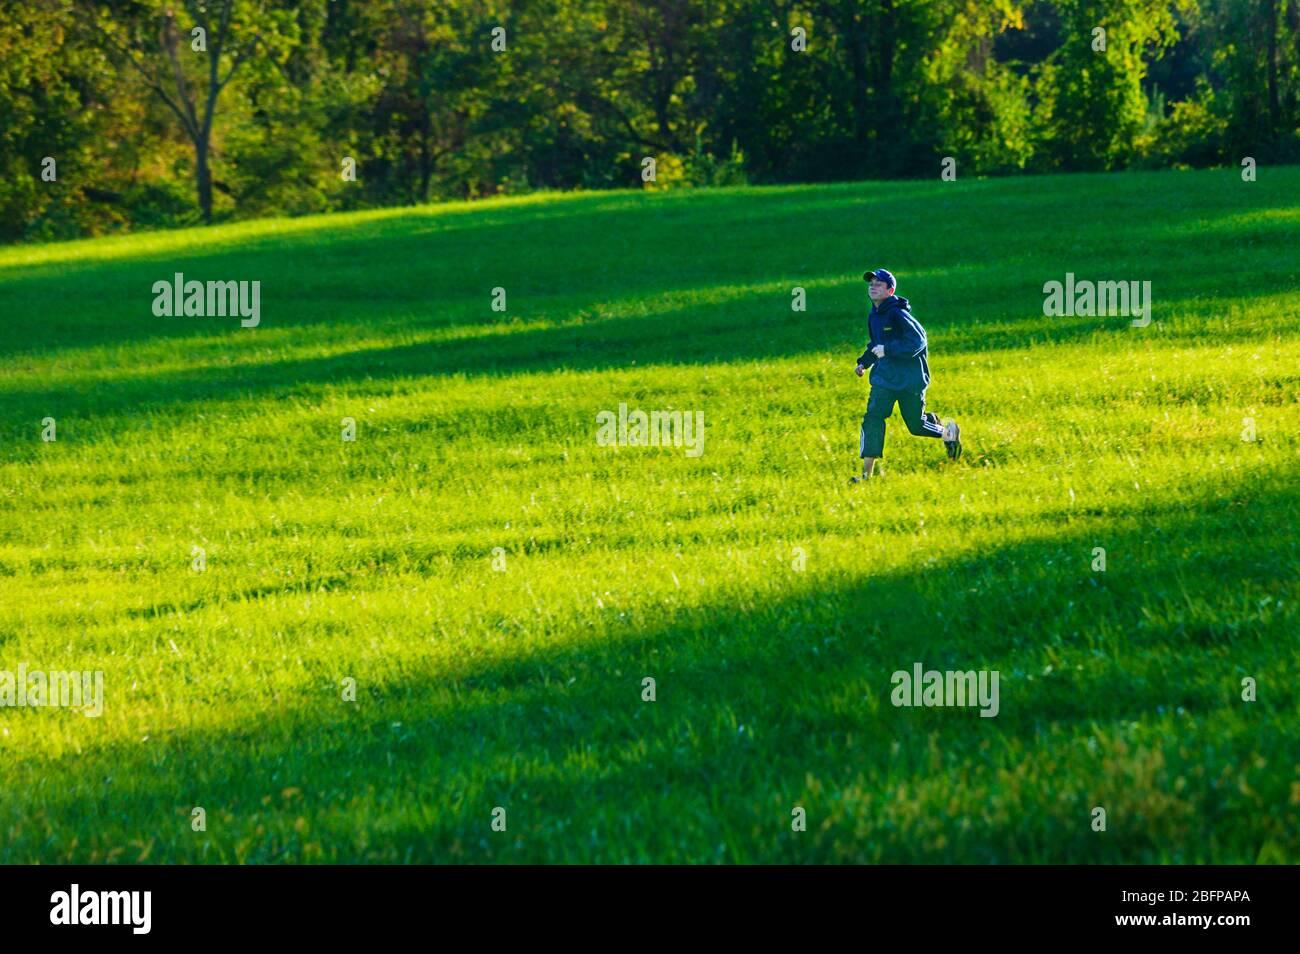 Teenager mit seinem Golden Retriever Hund in die grüne Rasenflächen des Parks. Stockfoto